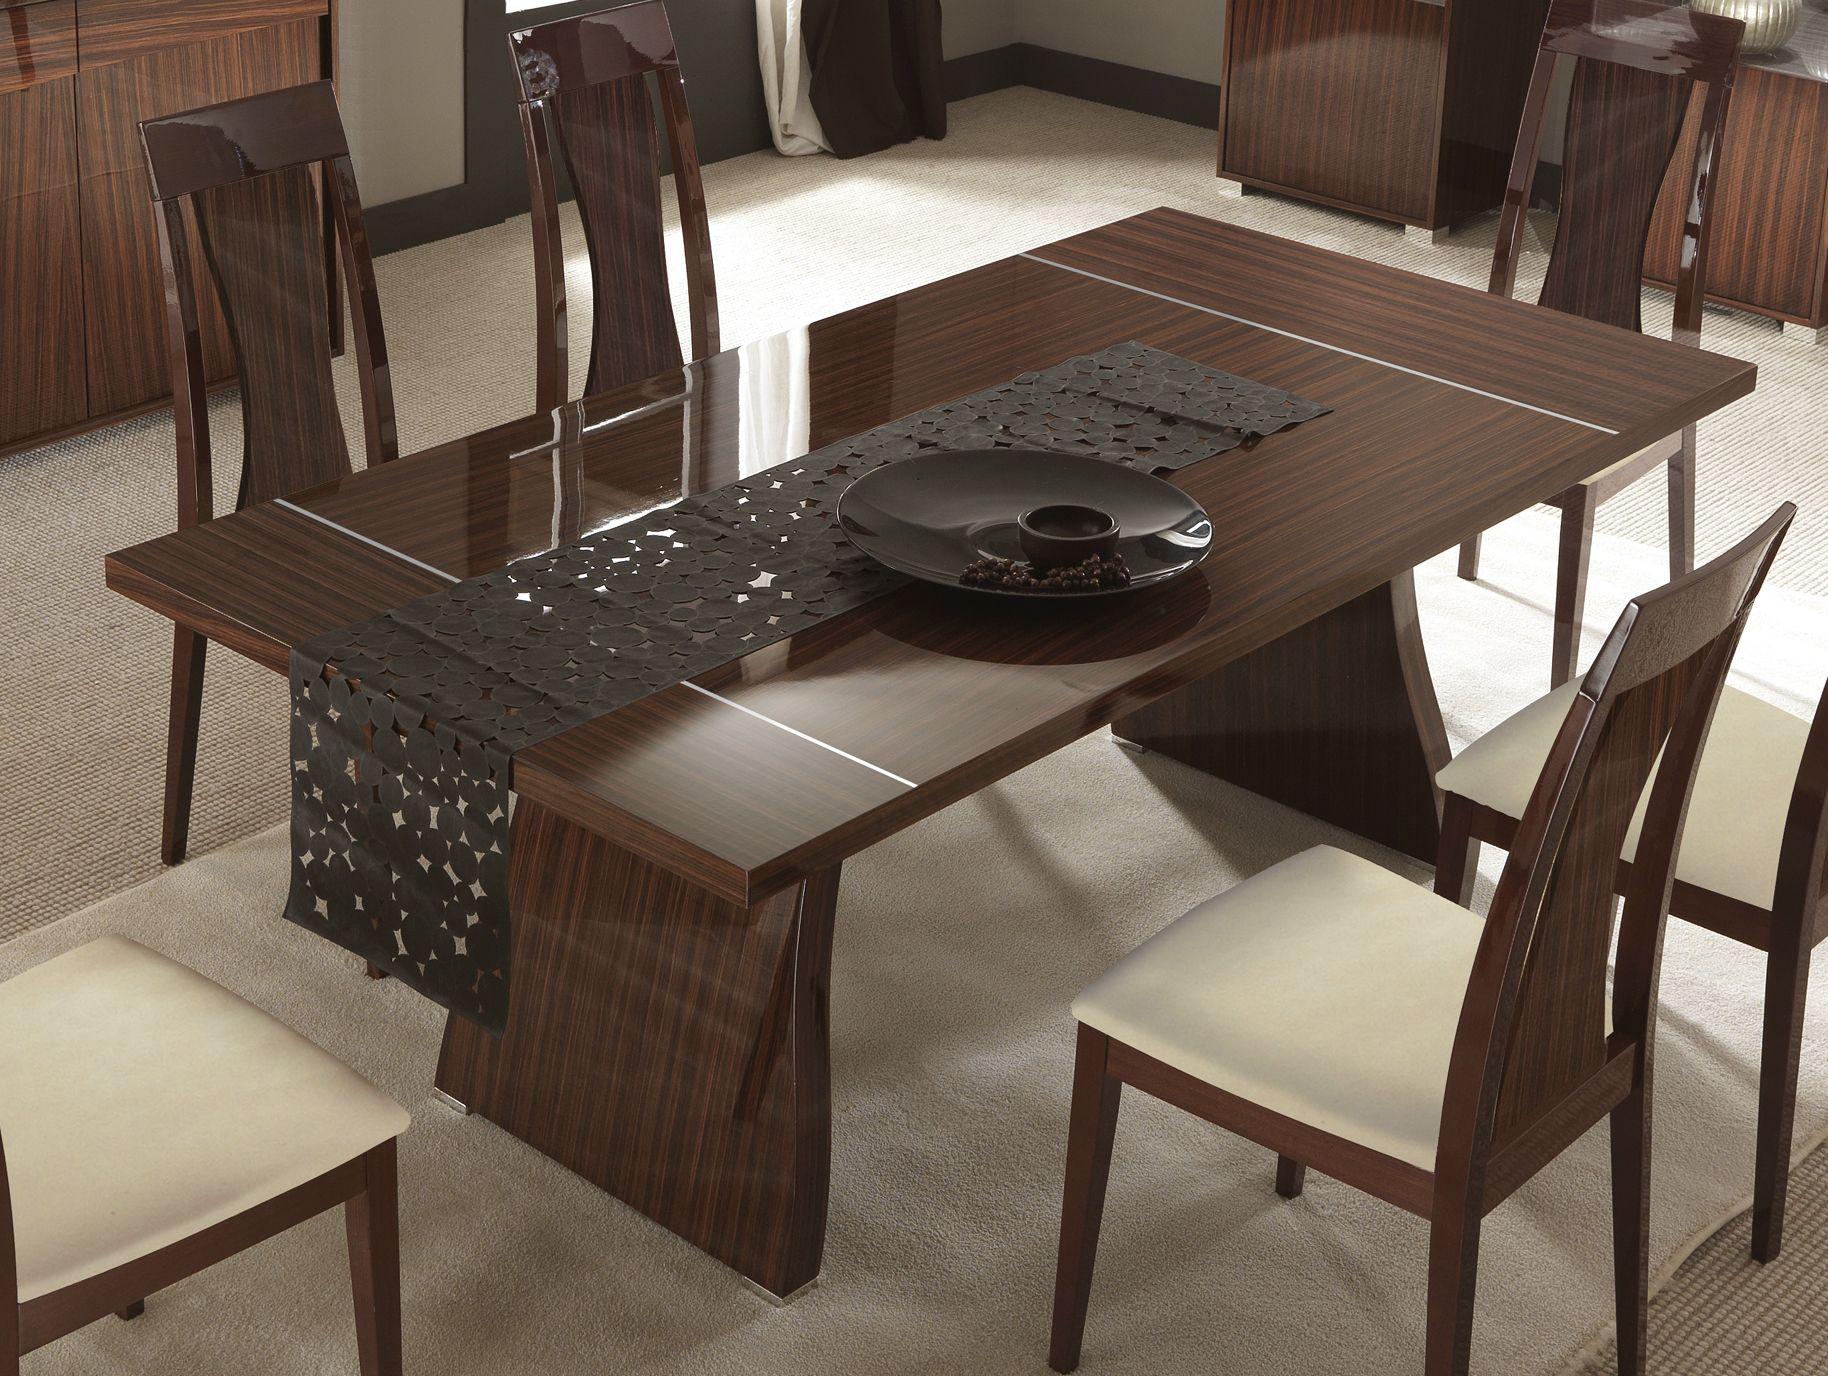 Comedor comedores 2 bases rectangulares dining table - Disenos de comedores de madera ...